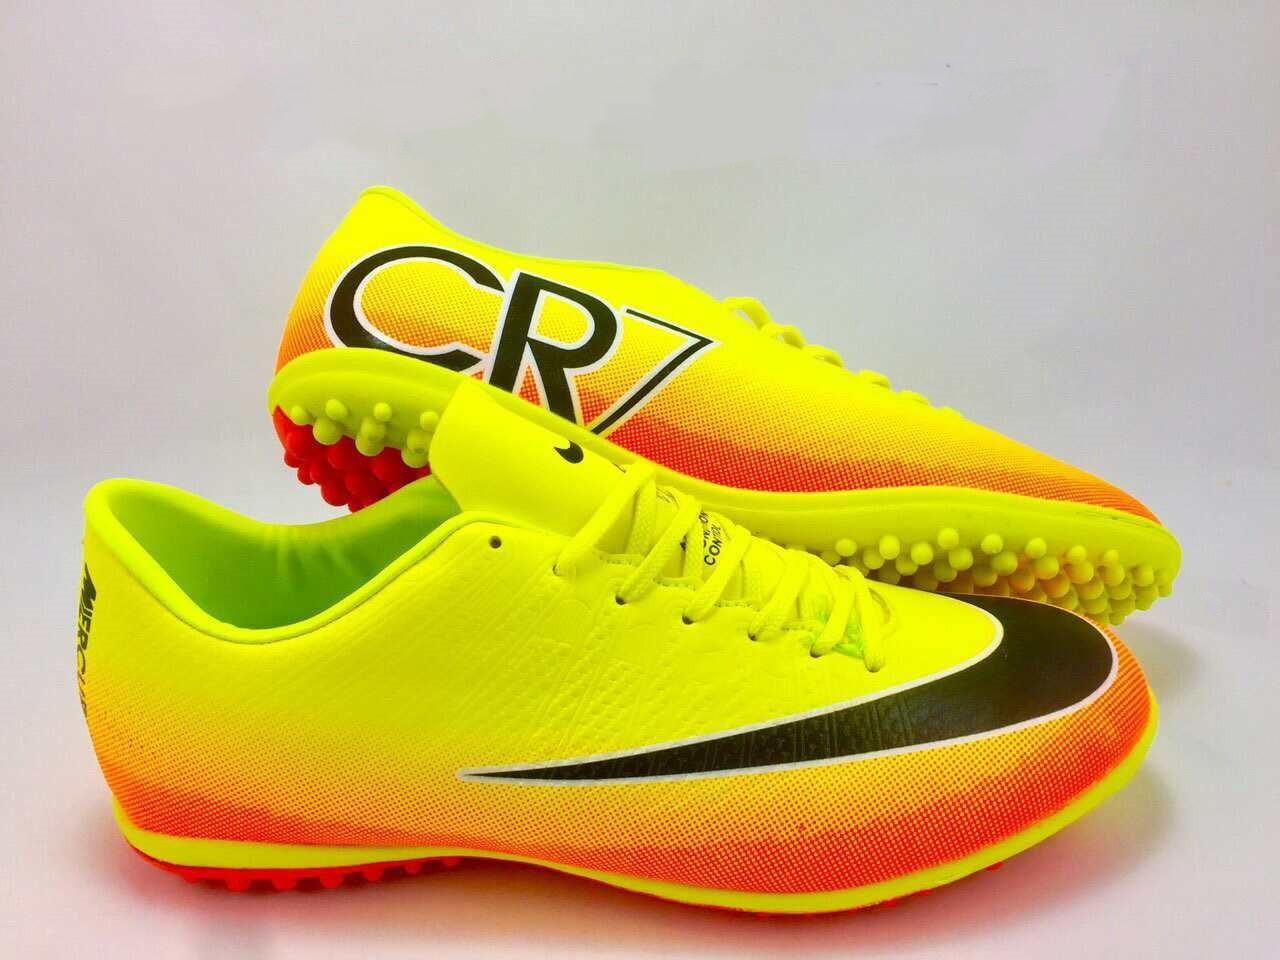 1255eb30 Футбольные сороконожки Nike Mercurial Victory CR7 TF Volt/Black/Citrus,  цена 855 грн./пара, купить Могилев-Подольский — Prom.ua (ID#520242090)